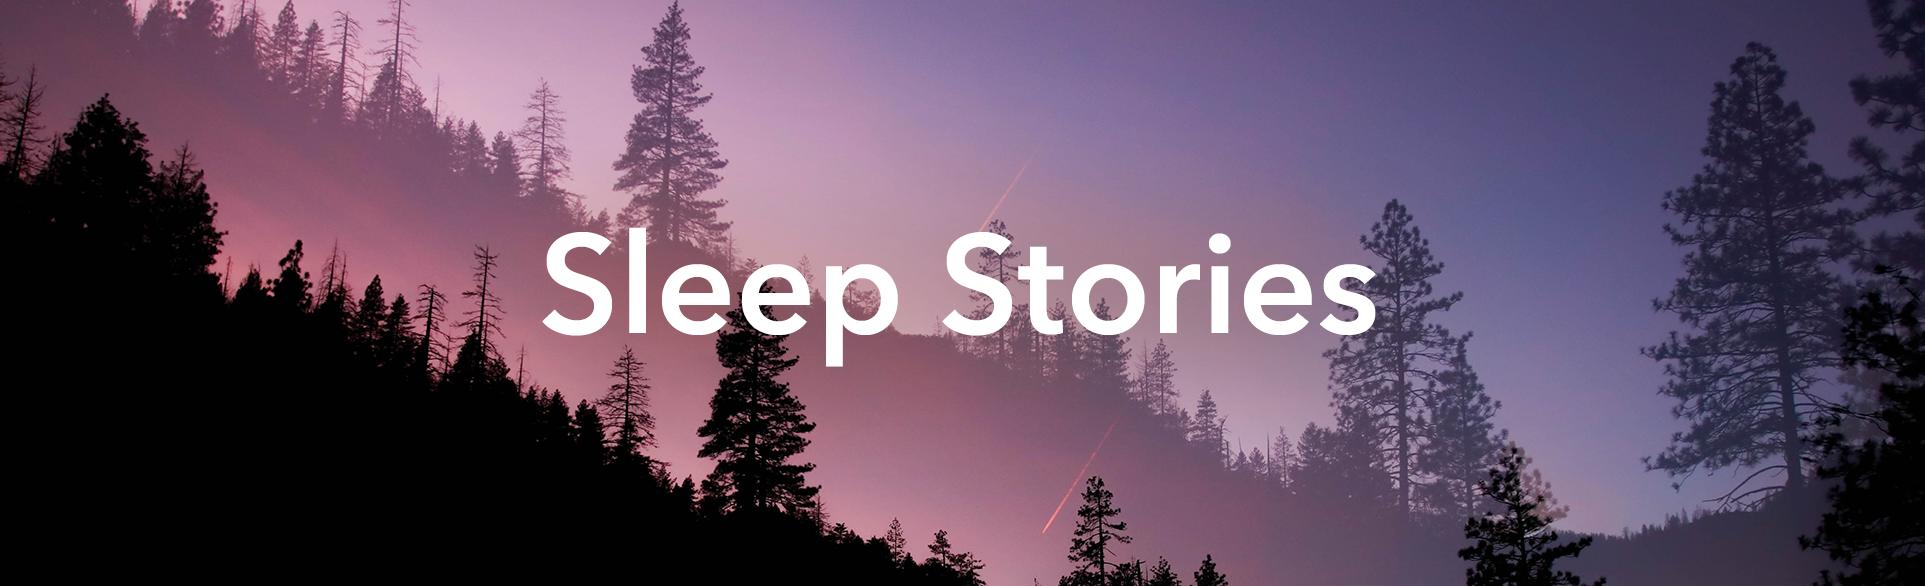 Sleep Stories.png